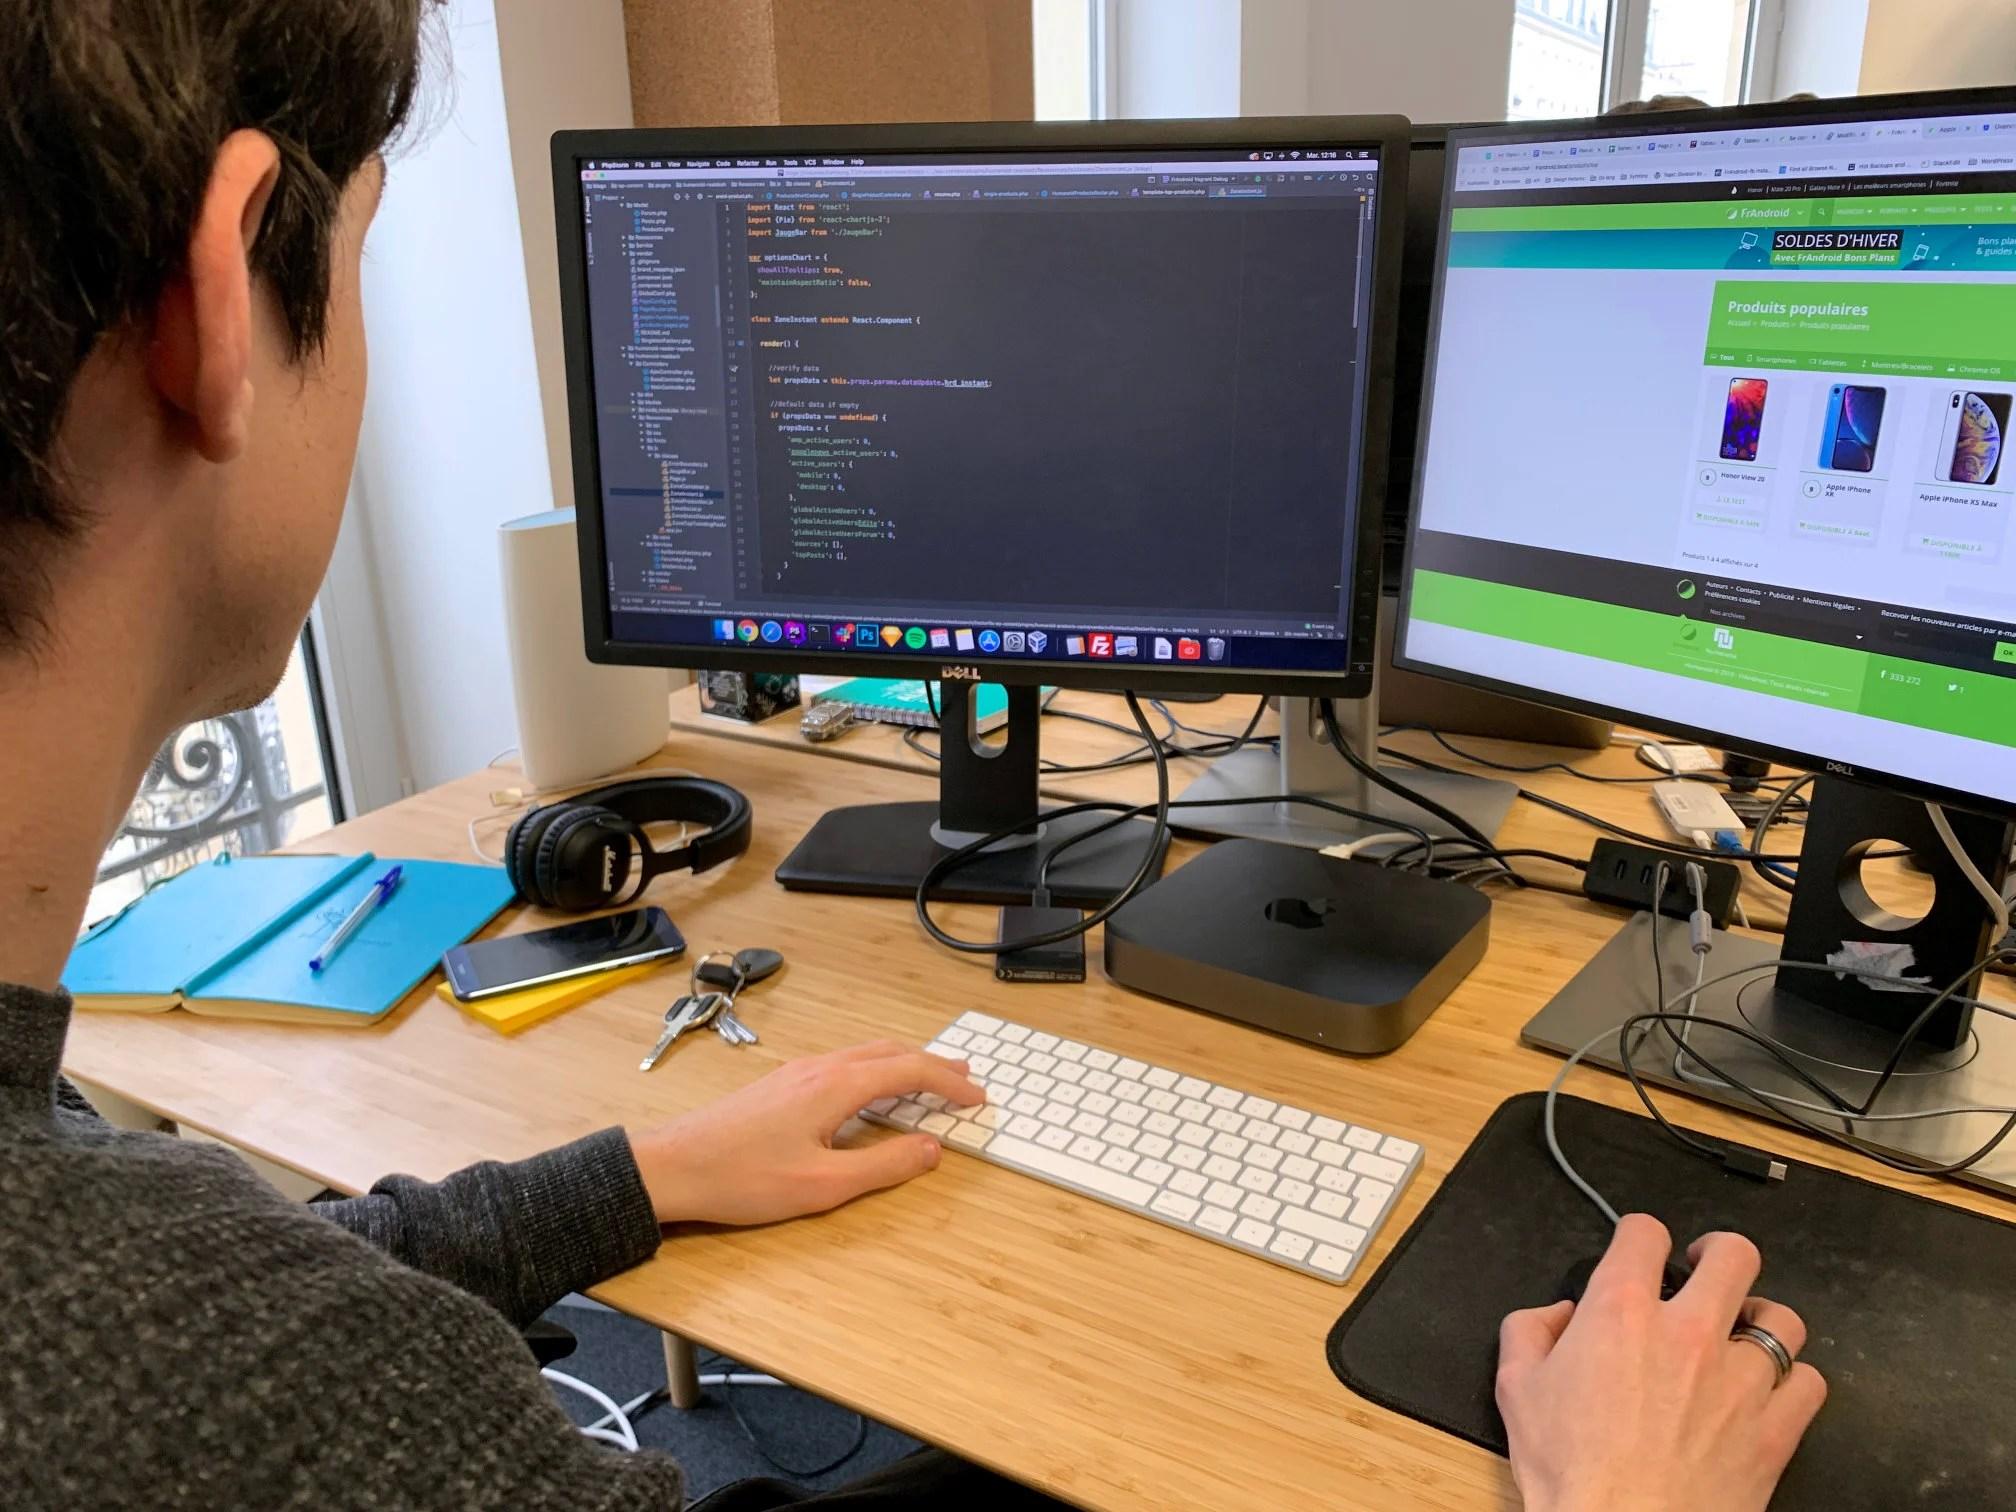 Offre d'emploi : Humanoid recrute un·e développeur·se web en CDI